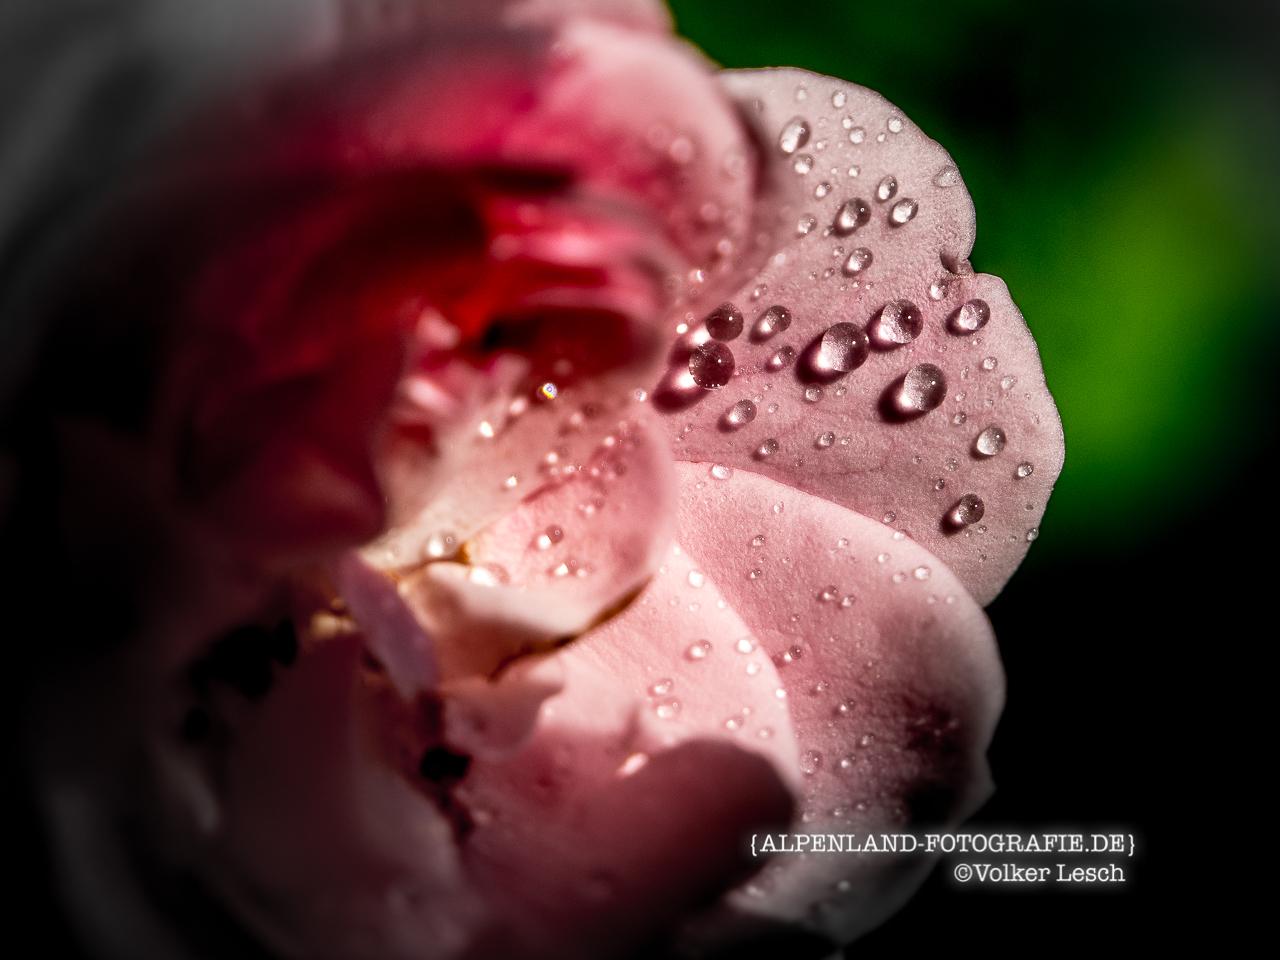 Alpengärten Rosenblüte © Volker Lesch - Alpenland Fotografie